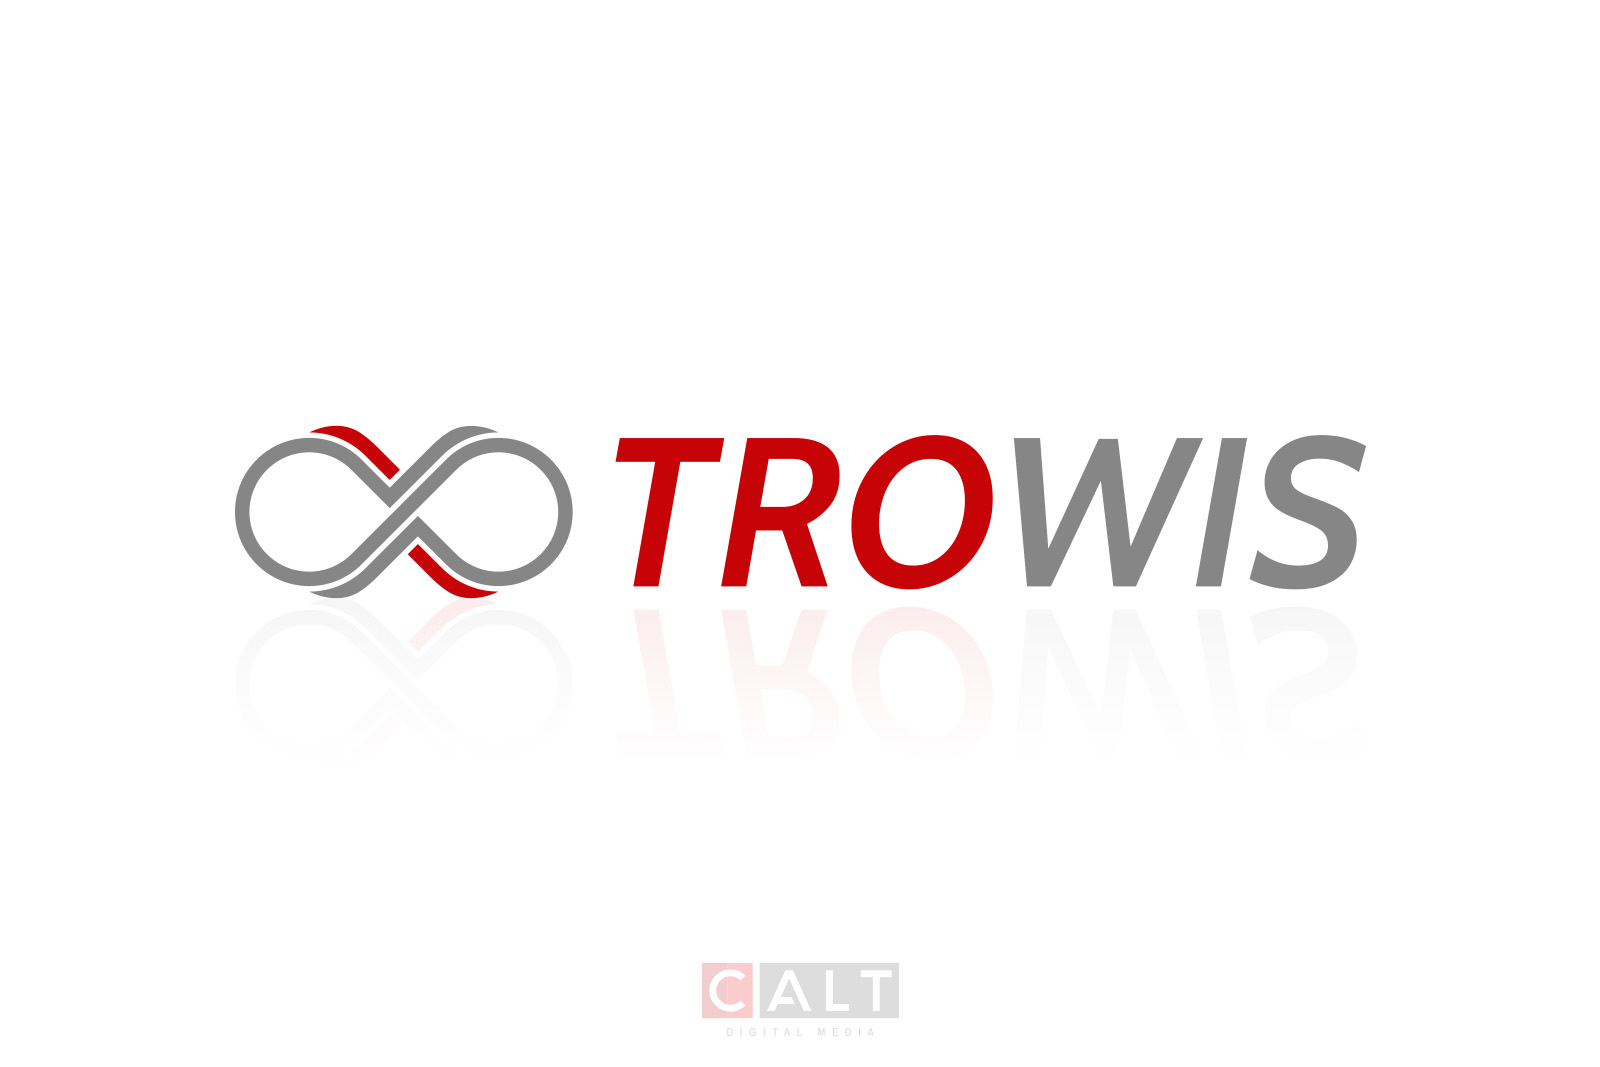 Logoentwicklung für das Unternehmen TROWIS